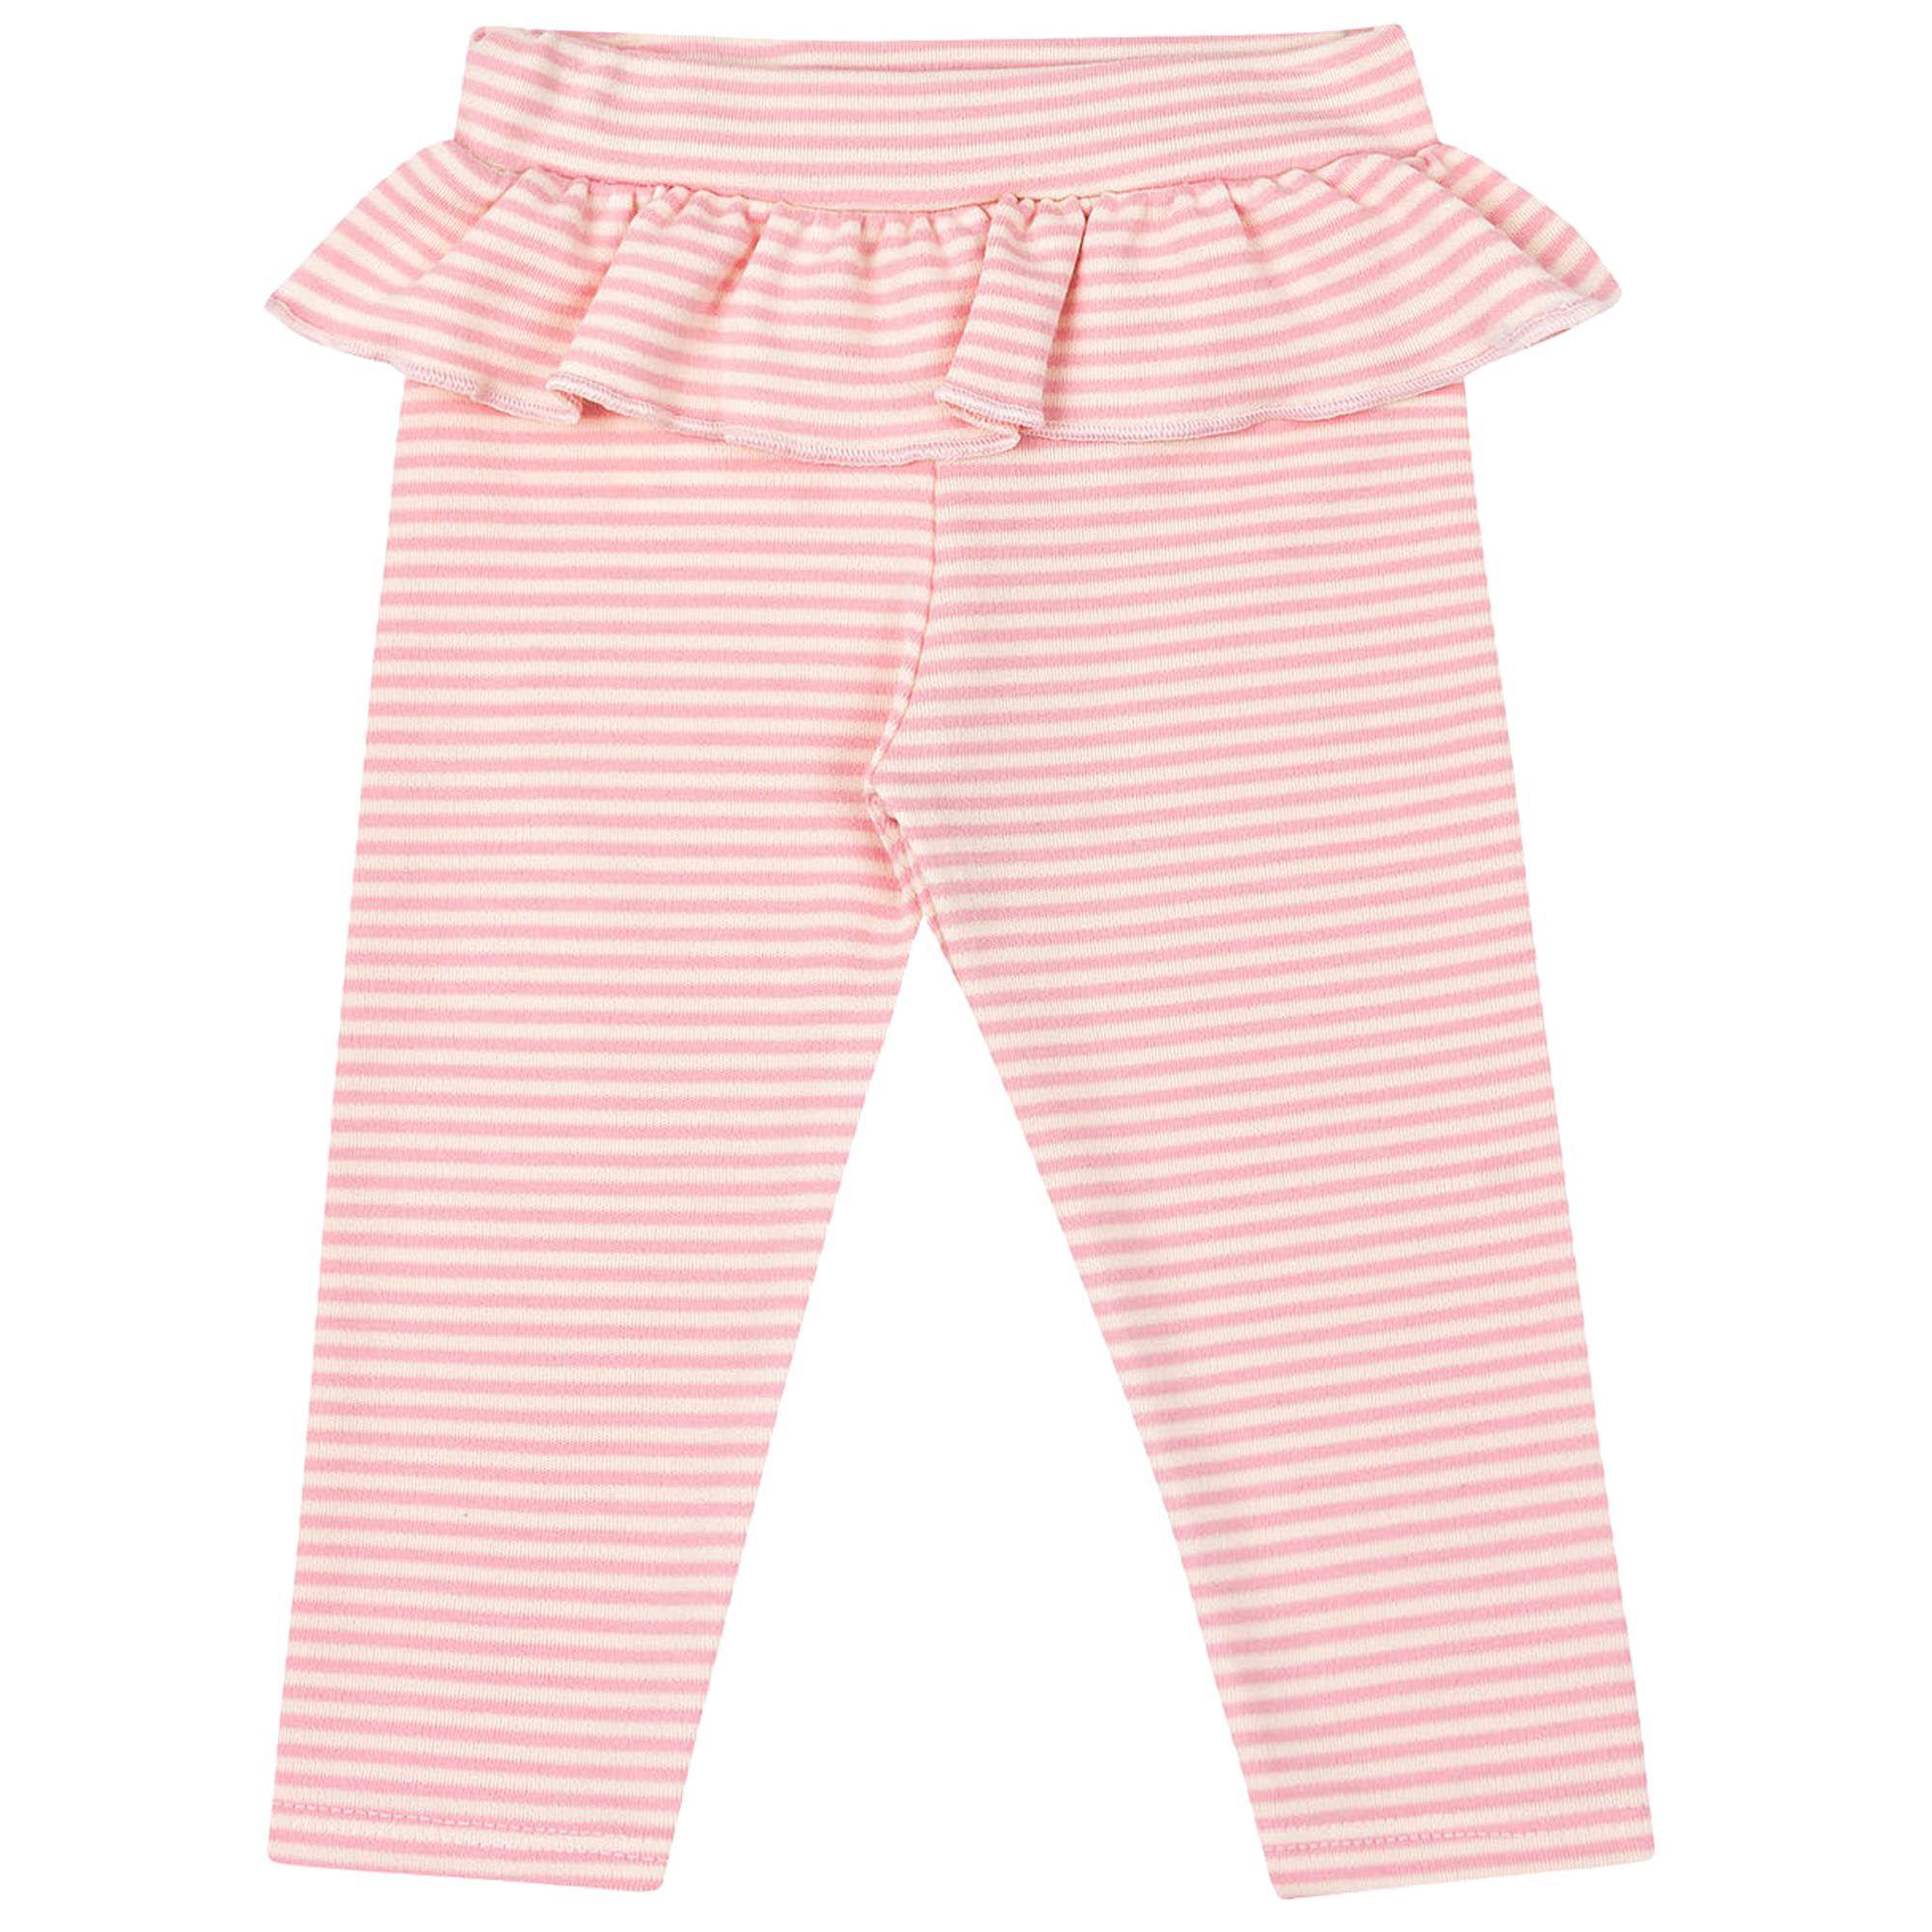 Mijão Sem Pé Kiko Baby Color Listrado com Babado - P ao G